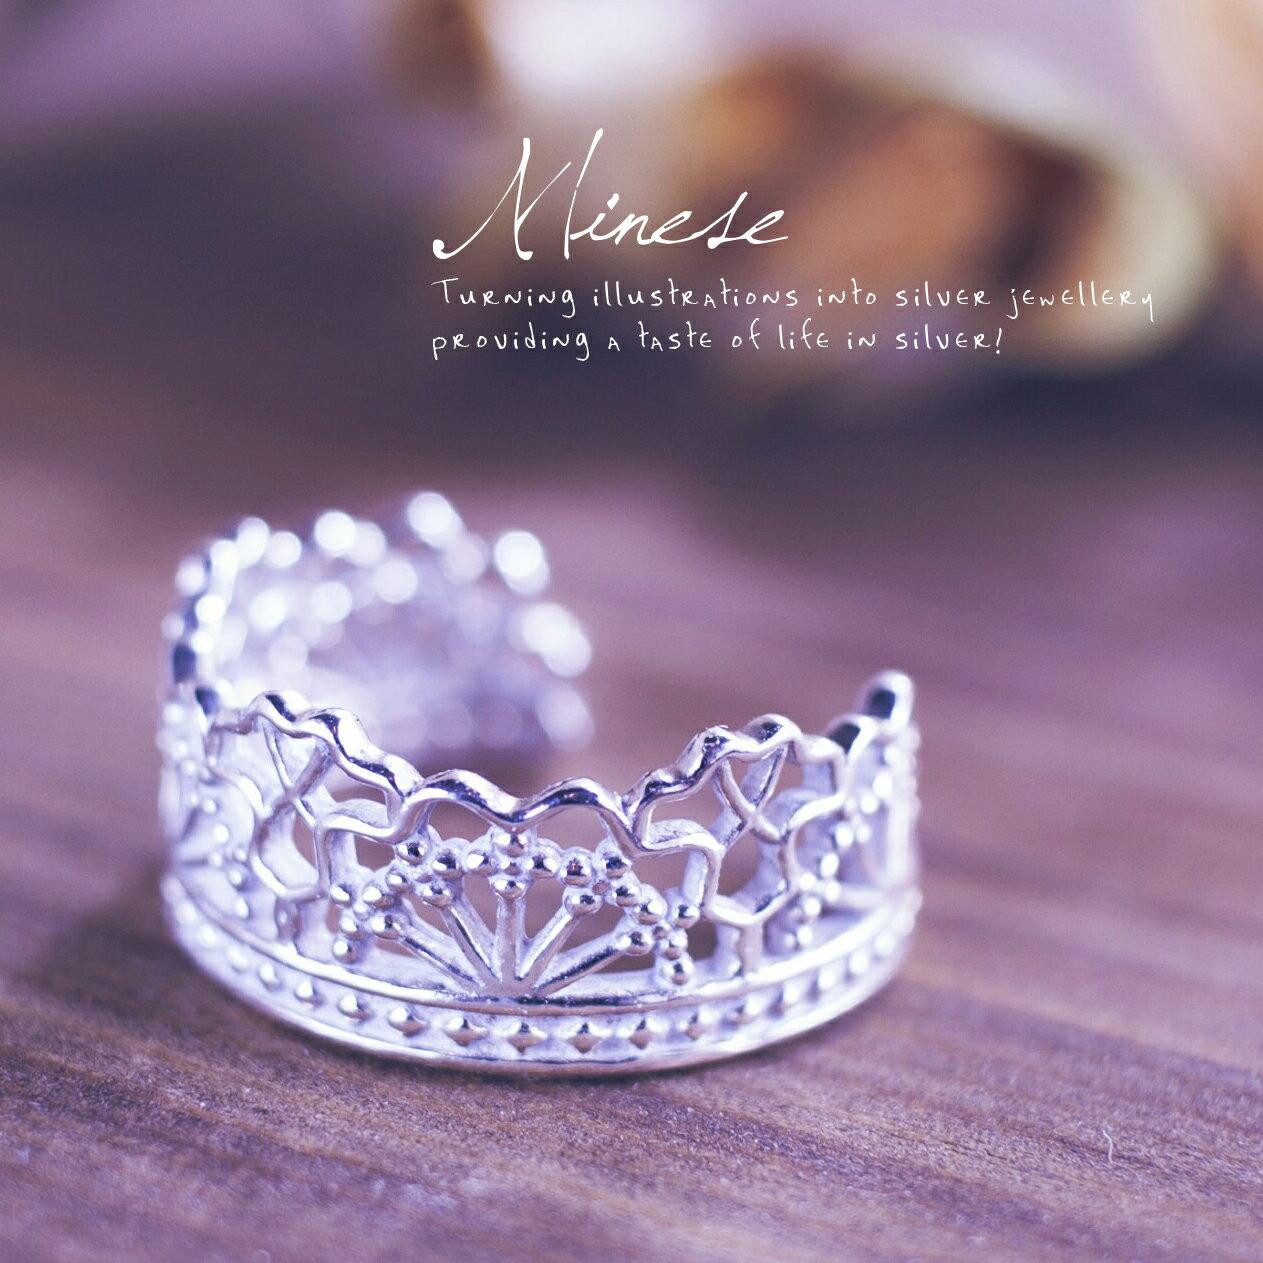 蕾絲戒指2號 V006, 925純銀、項鍊戒指手鍊飾品銀飾手作珠寶MIT設計師品牌~手工製作